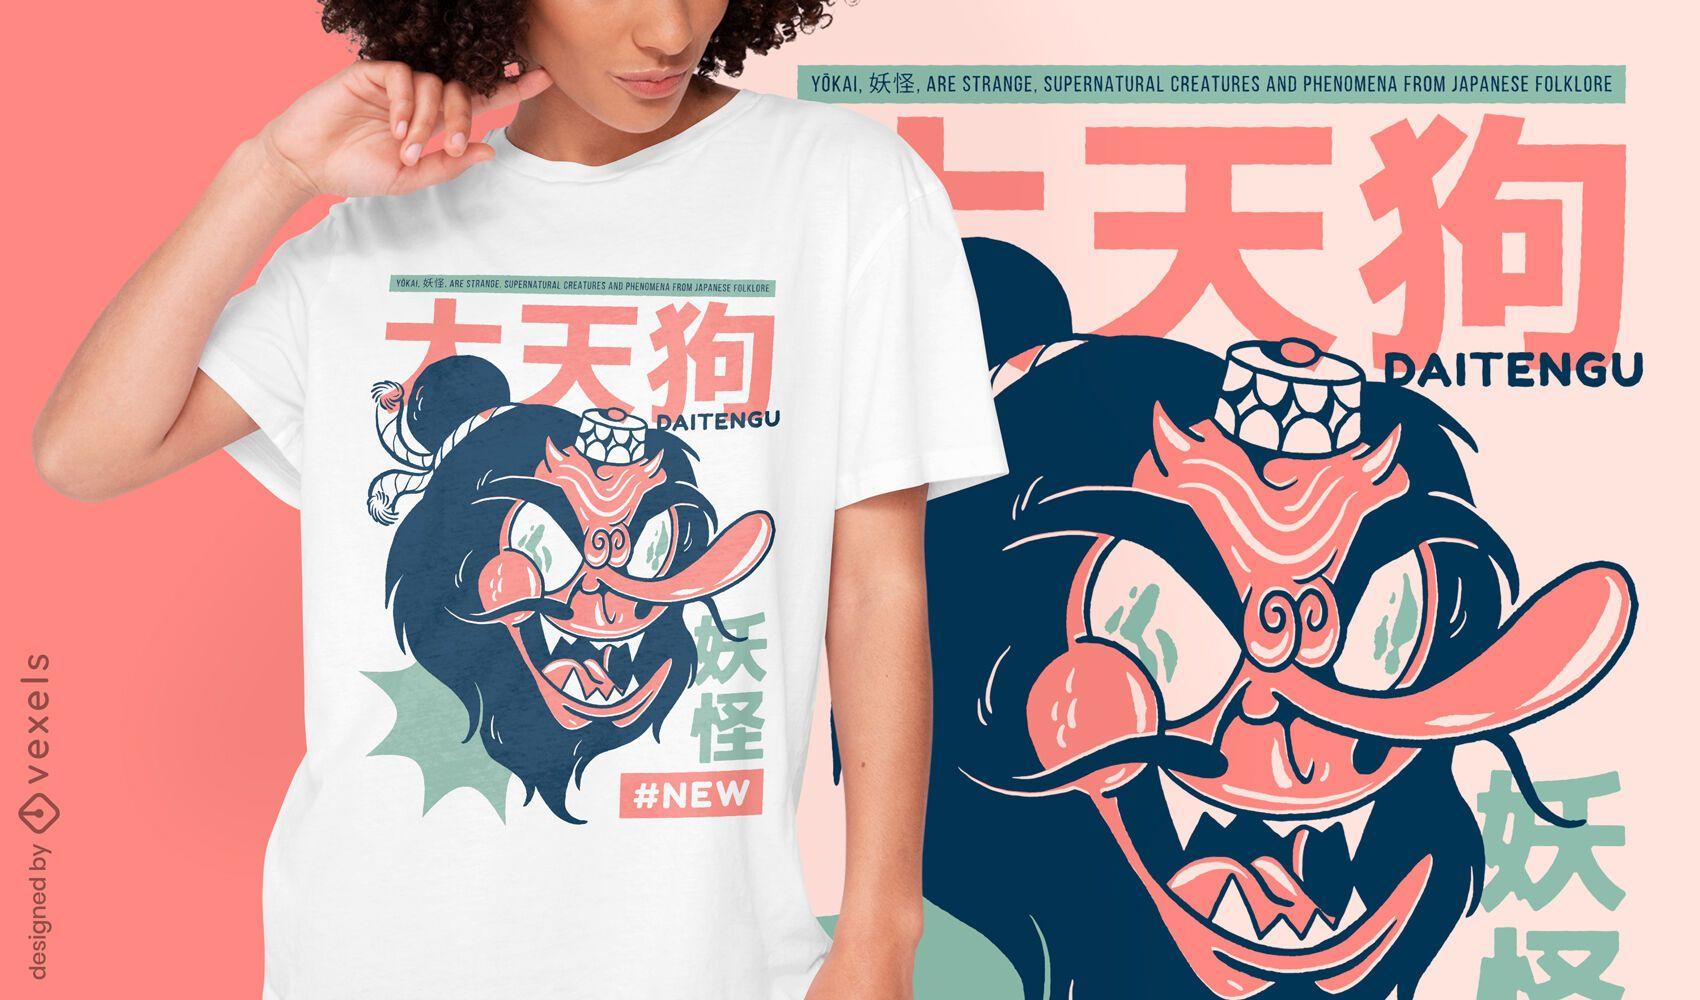 Daitengu japanese yokai t-shirt design